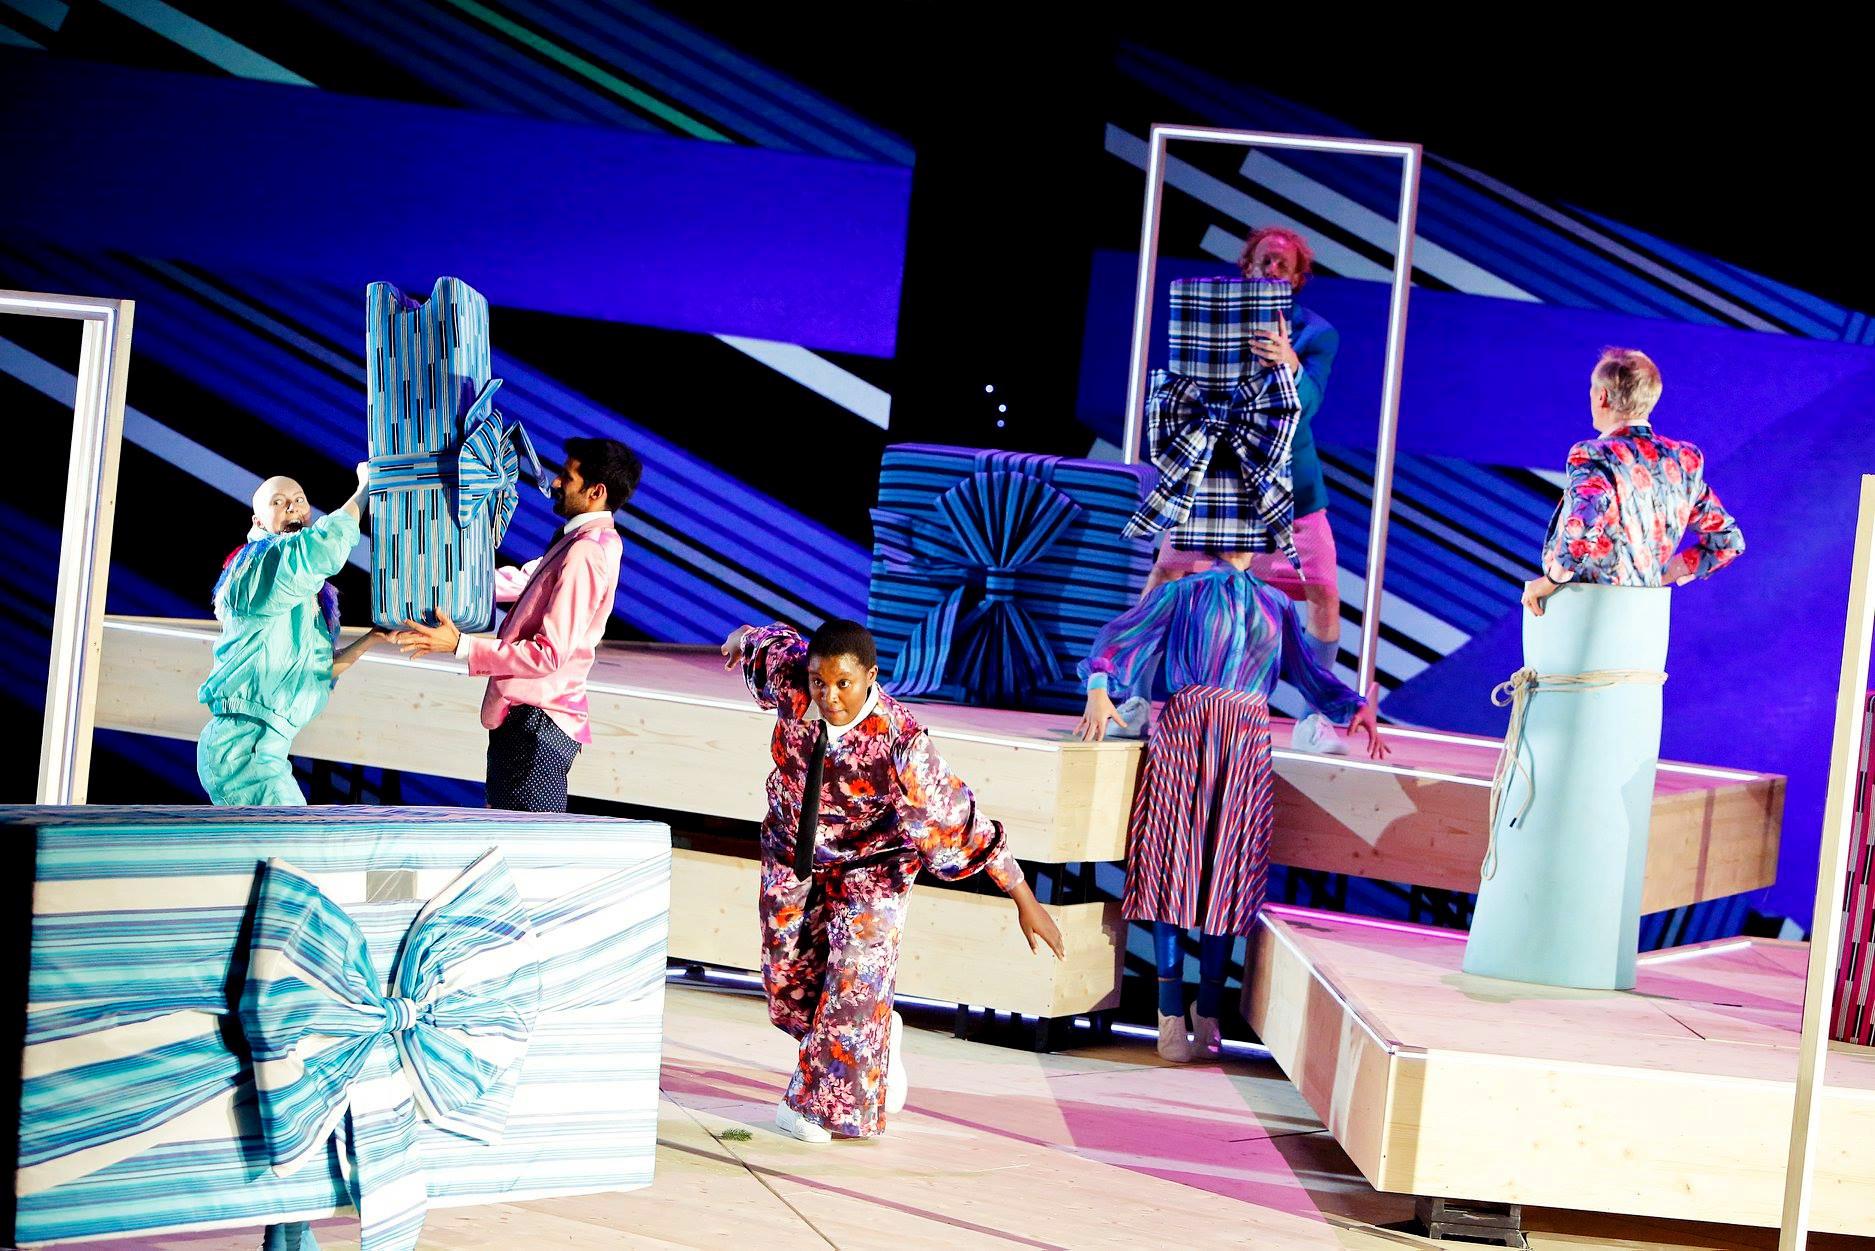 Schauspielhaus Bochum_Alle Jahre wieder_Regie Hannah Biedermann_Bühnenbild Mascha Mihoa Bischoff_Kostümbild Mascha Mihoa Bischoff_Foto Birgit Hupfeld(9)